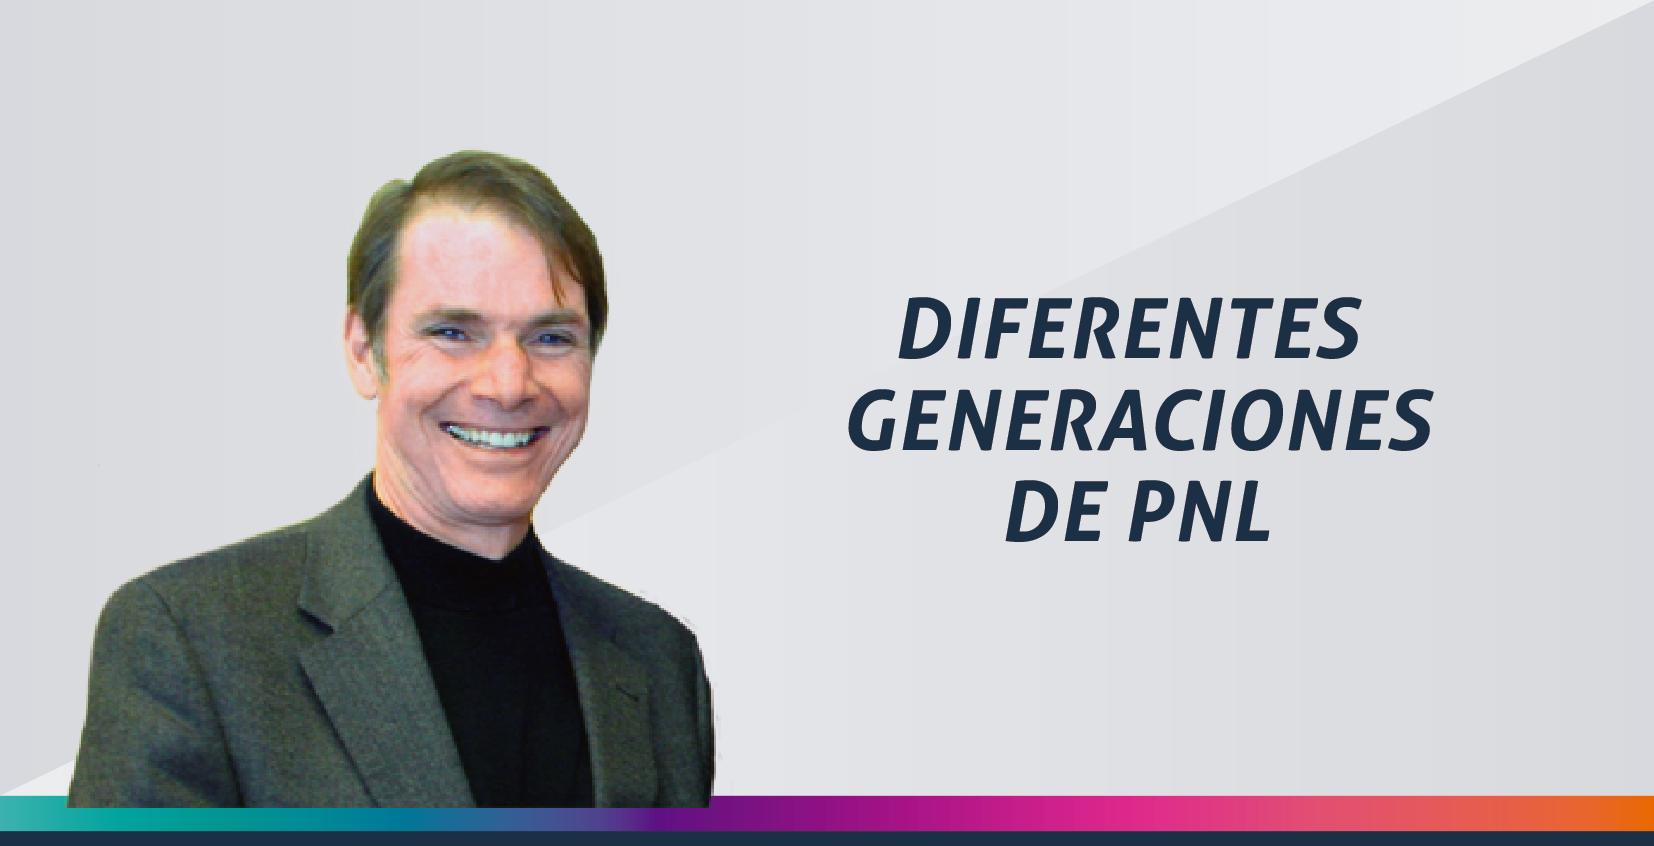 DIFERENTES GENERACIONES EN PNL